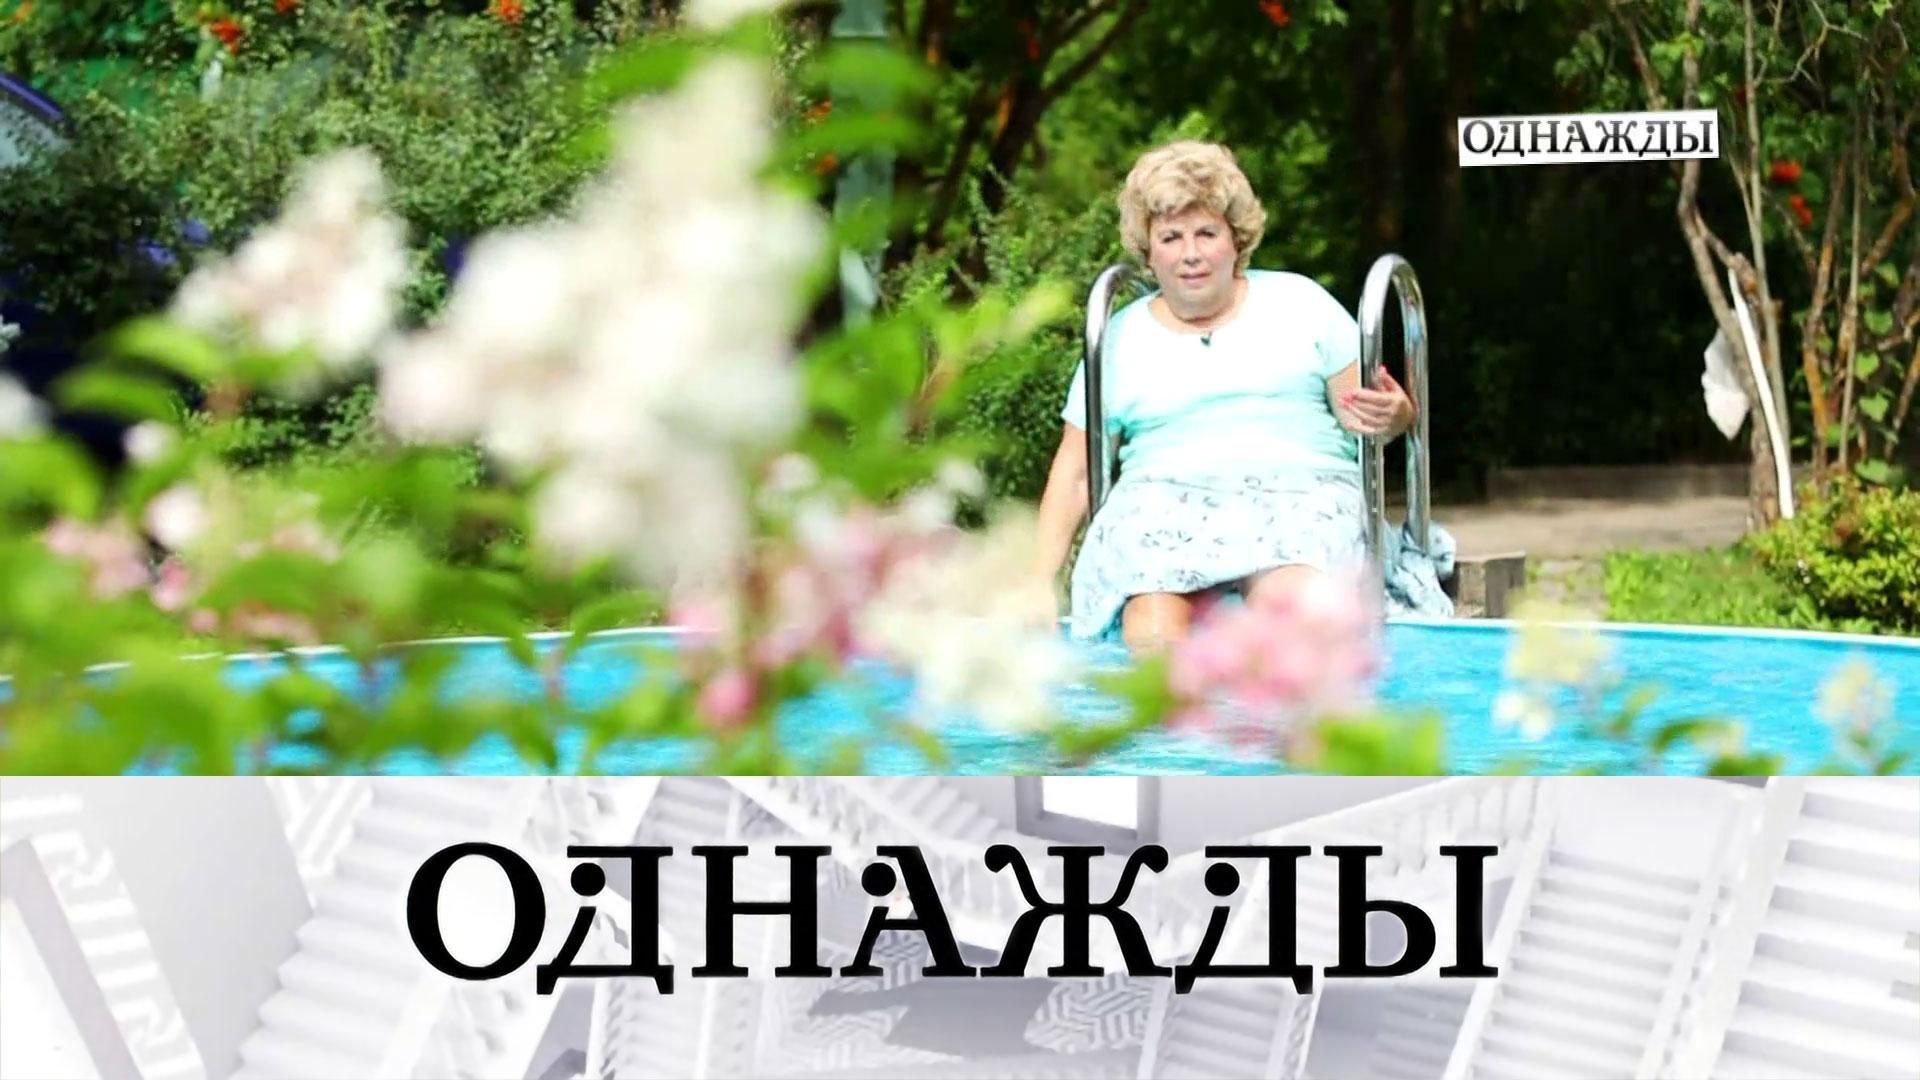 Лариса Рубальская иглавный человек вее жизни, атакже звезды иих малая родина| «Однажды…» на НТВ